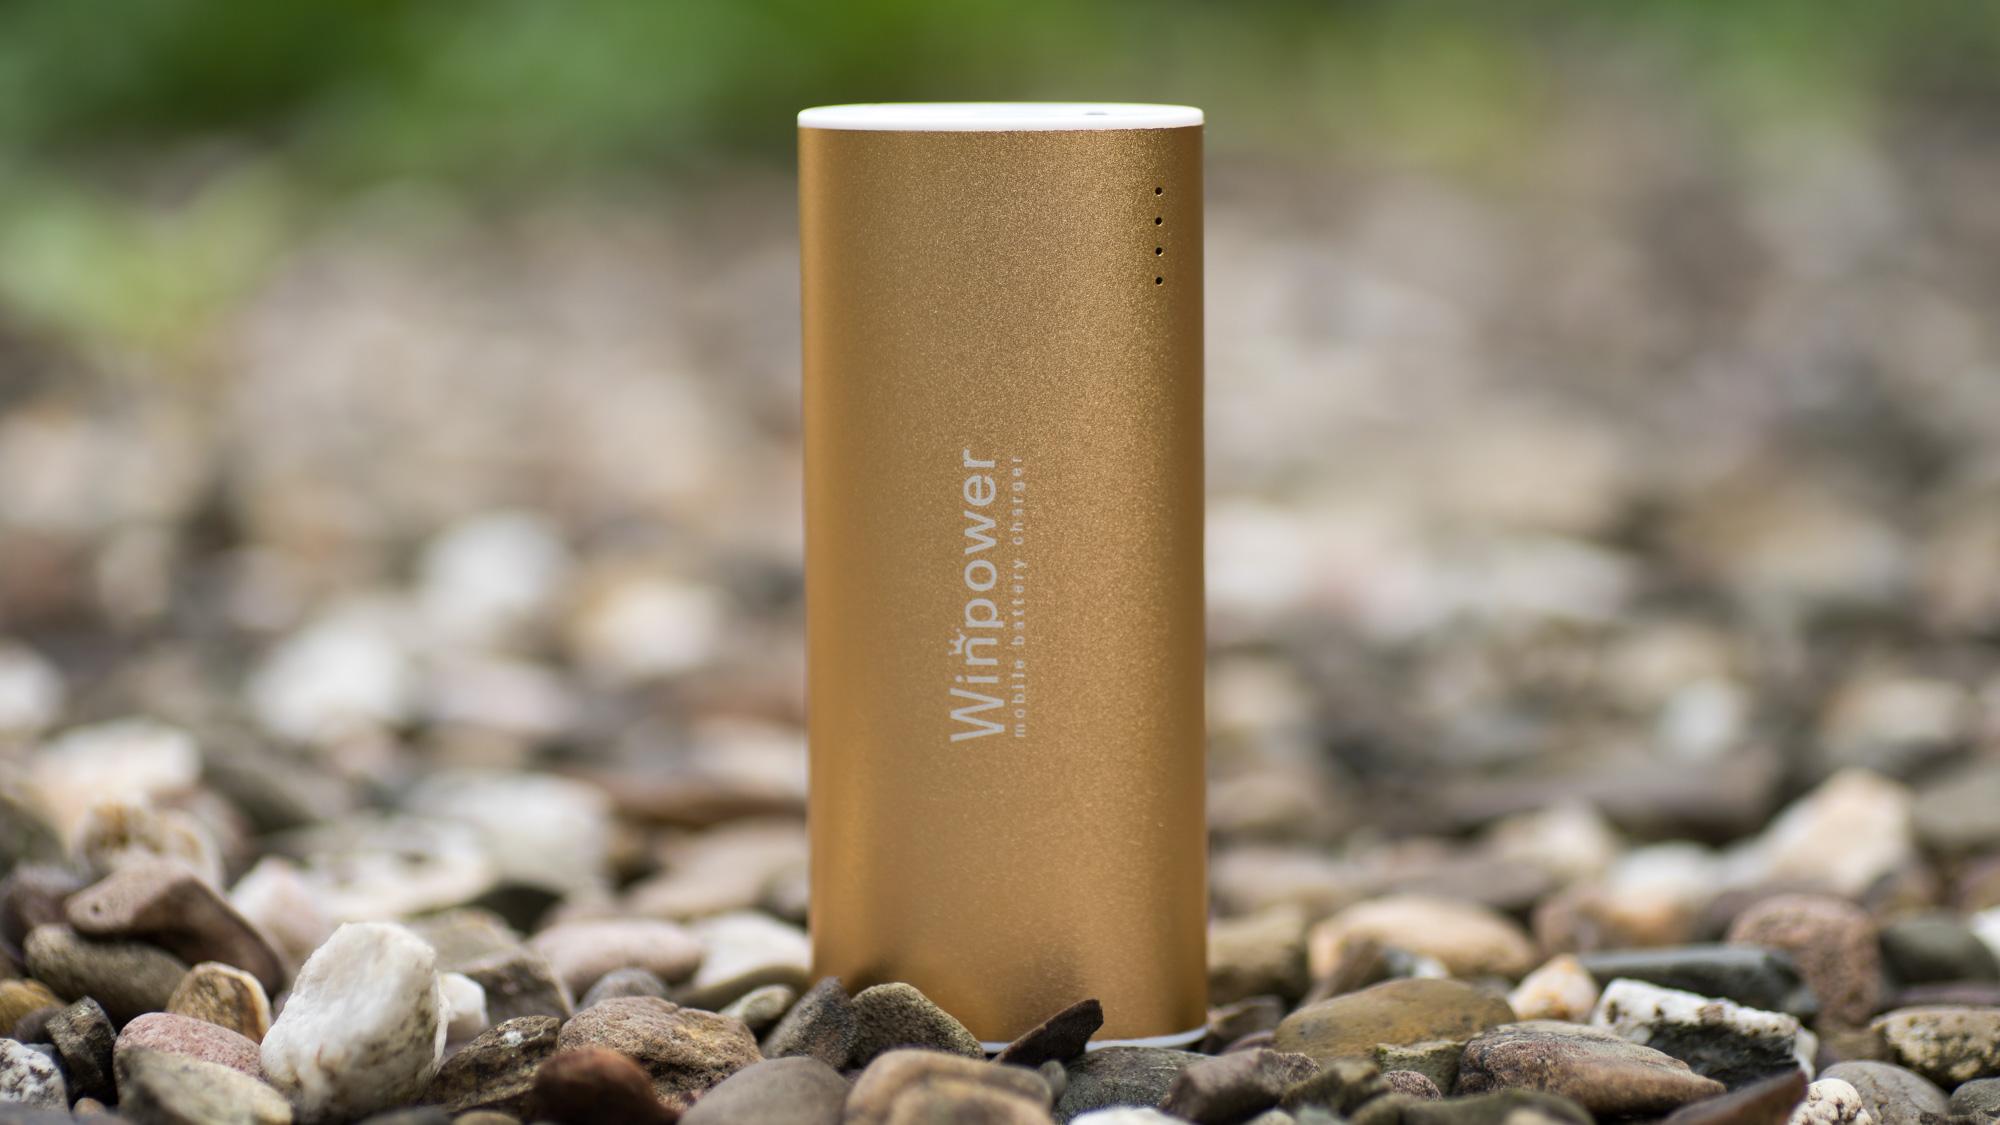 Schicke Powerbank von WINPOWER im Test WINPOWER 5600 mAh WT-P56A